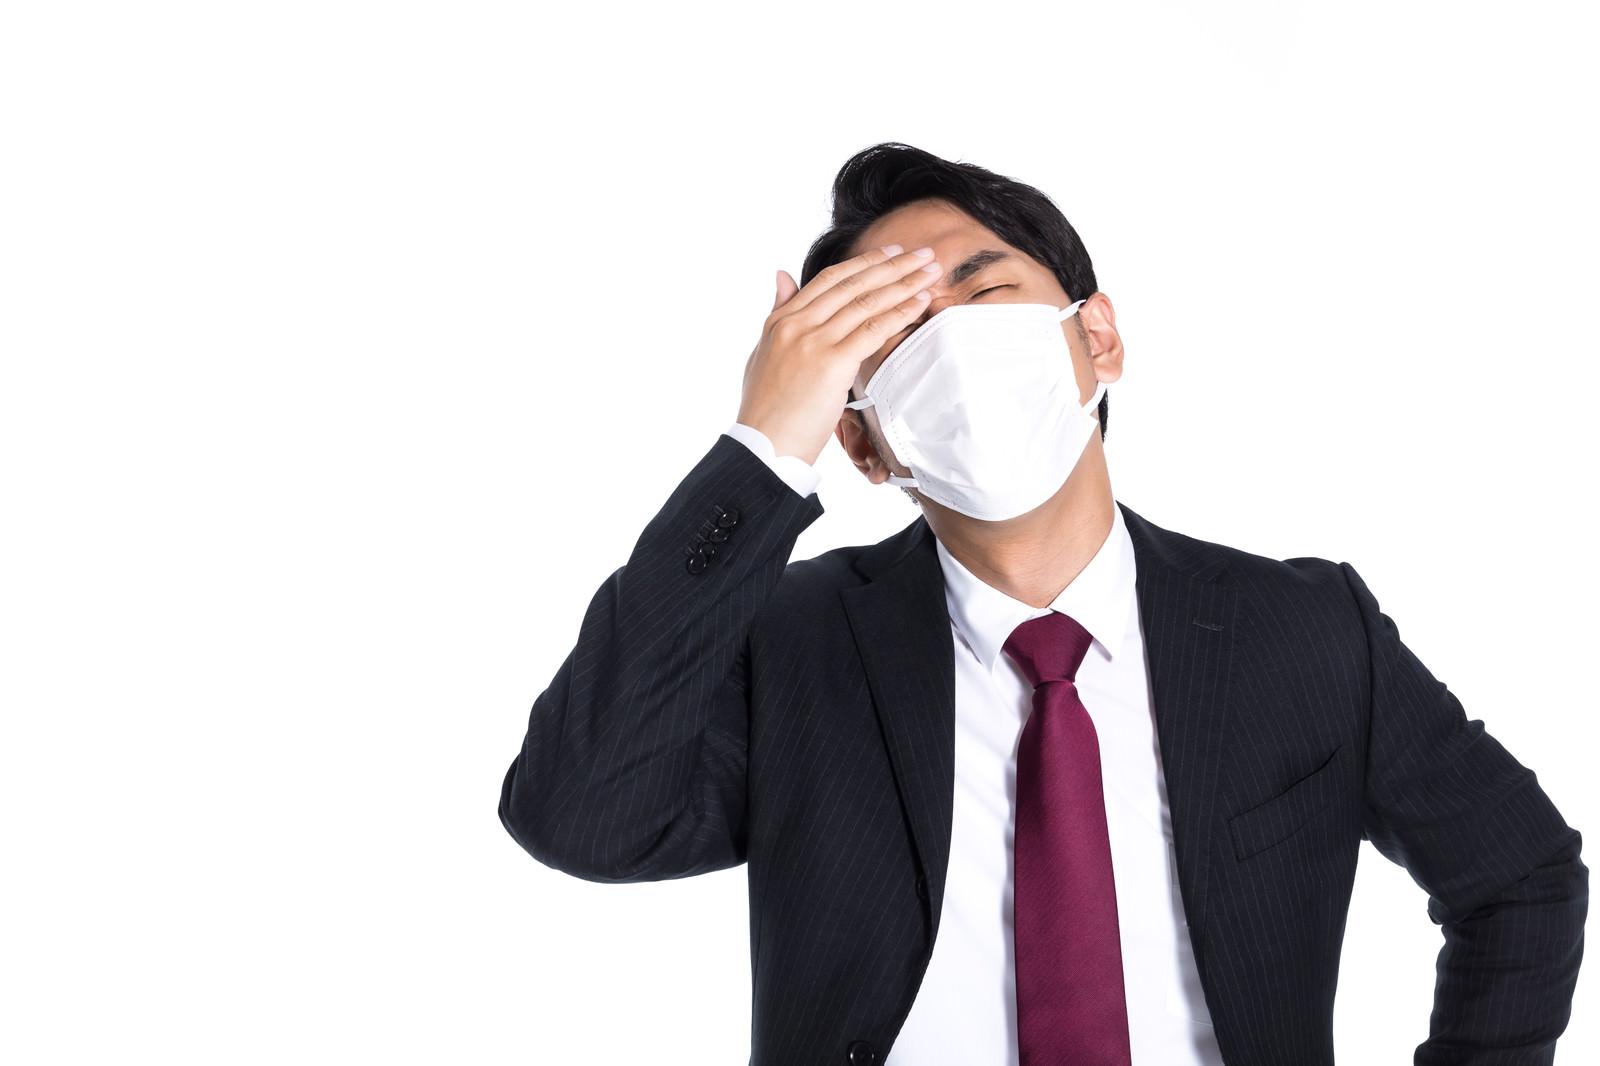 「今日も頭痛で体調が悪い風に装うサボり社員」の写真[モデル:大川竜弥]